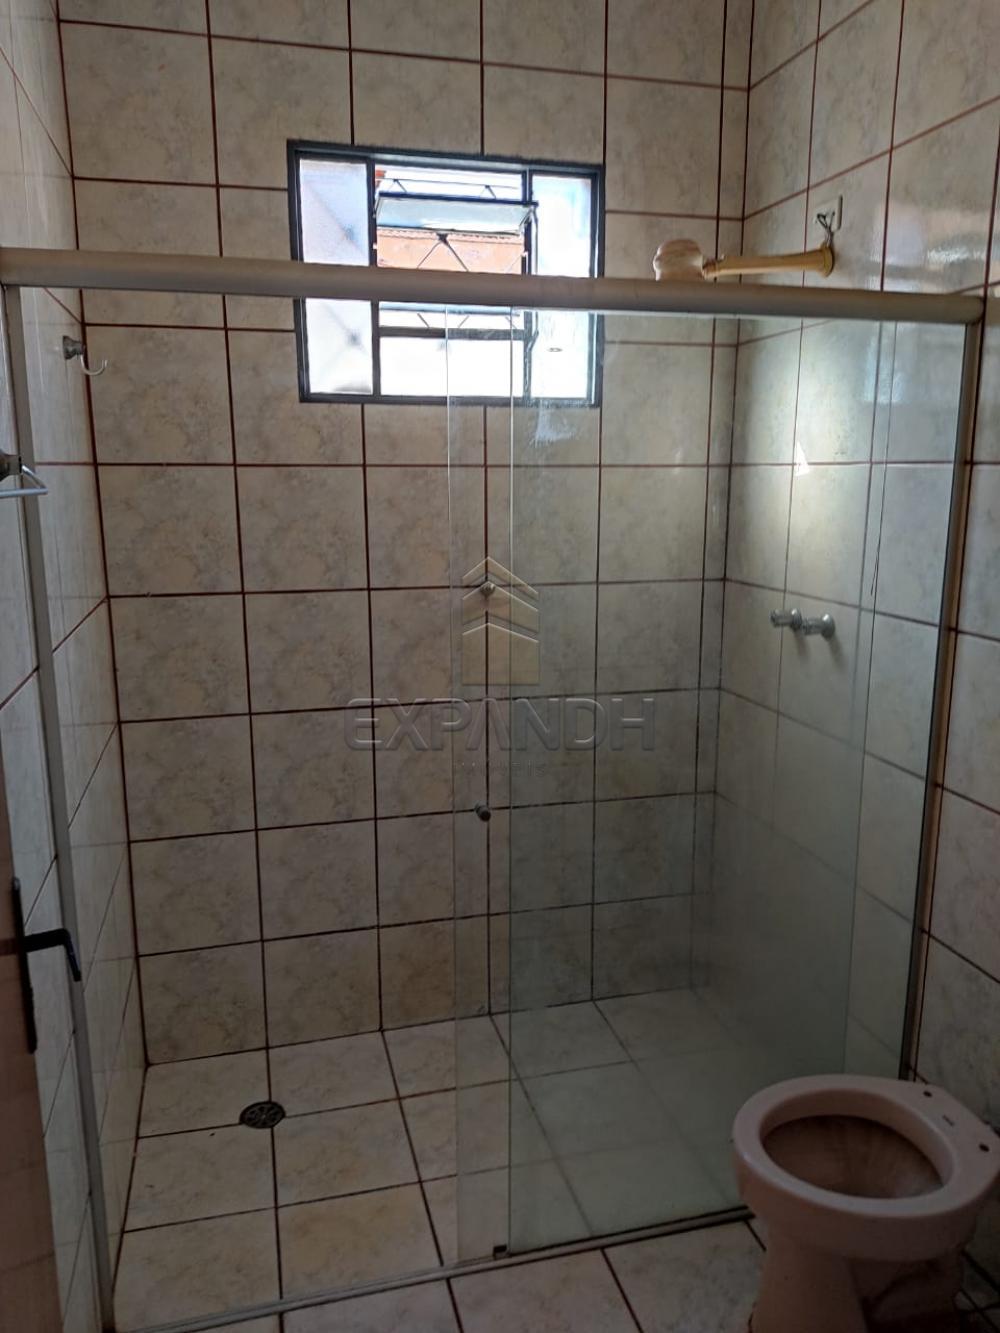 Comprar Casas / Padrão em Sertãozinho R$ 195.000,00 - Foto 13